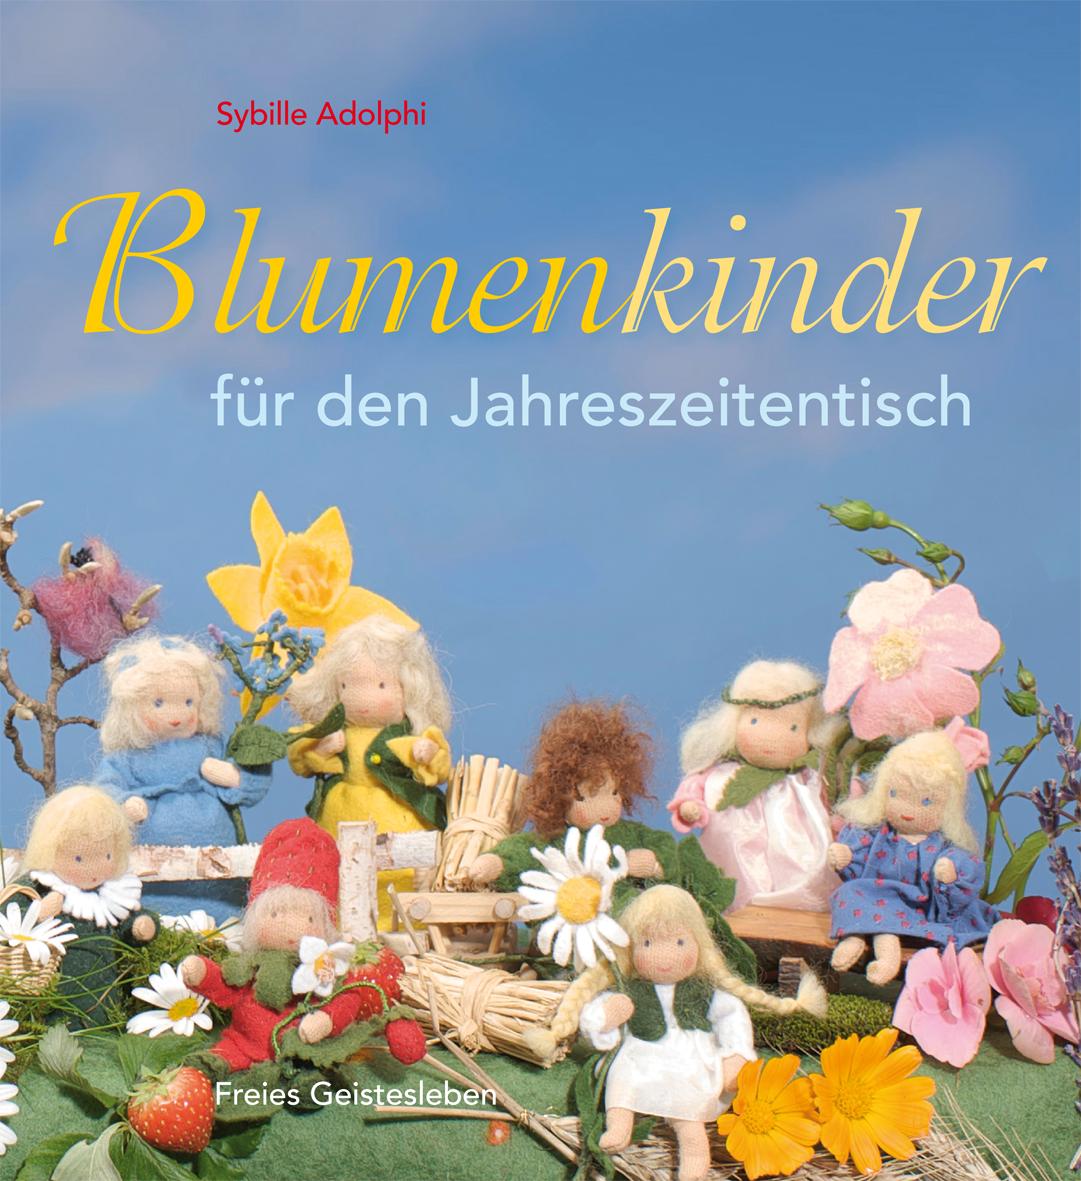 Blumenkinder Für Den Jahreszeitentisch Verlag Freies Geistesleben